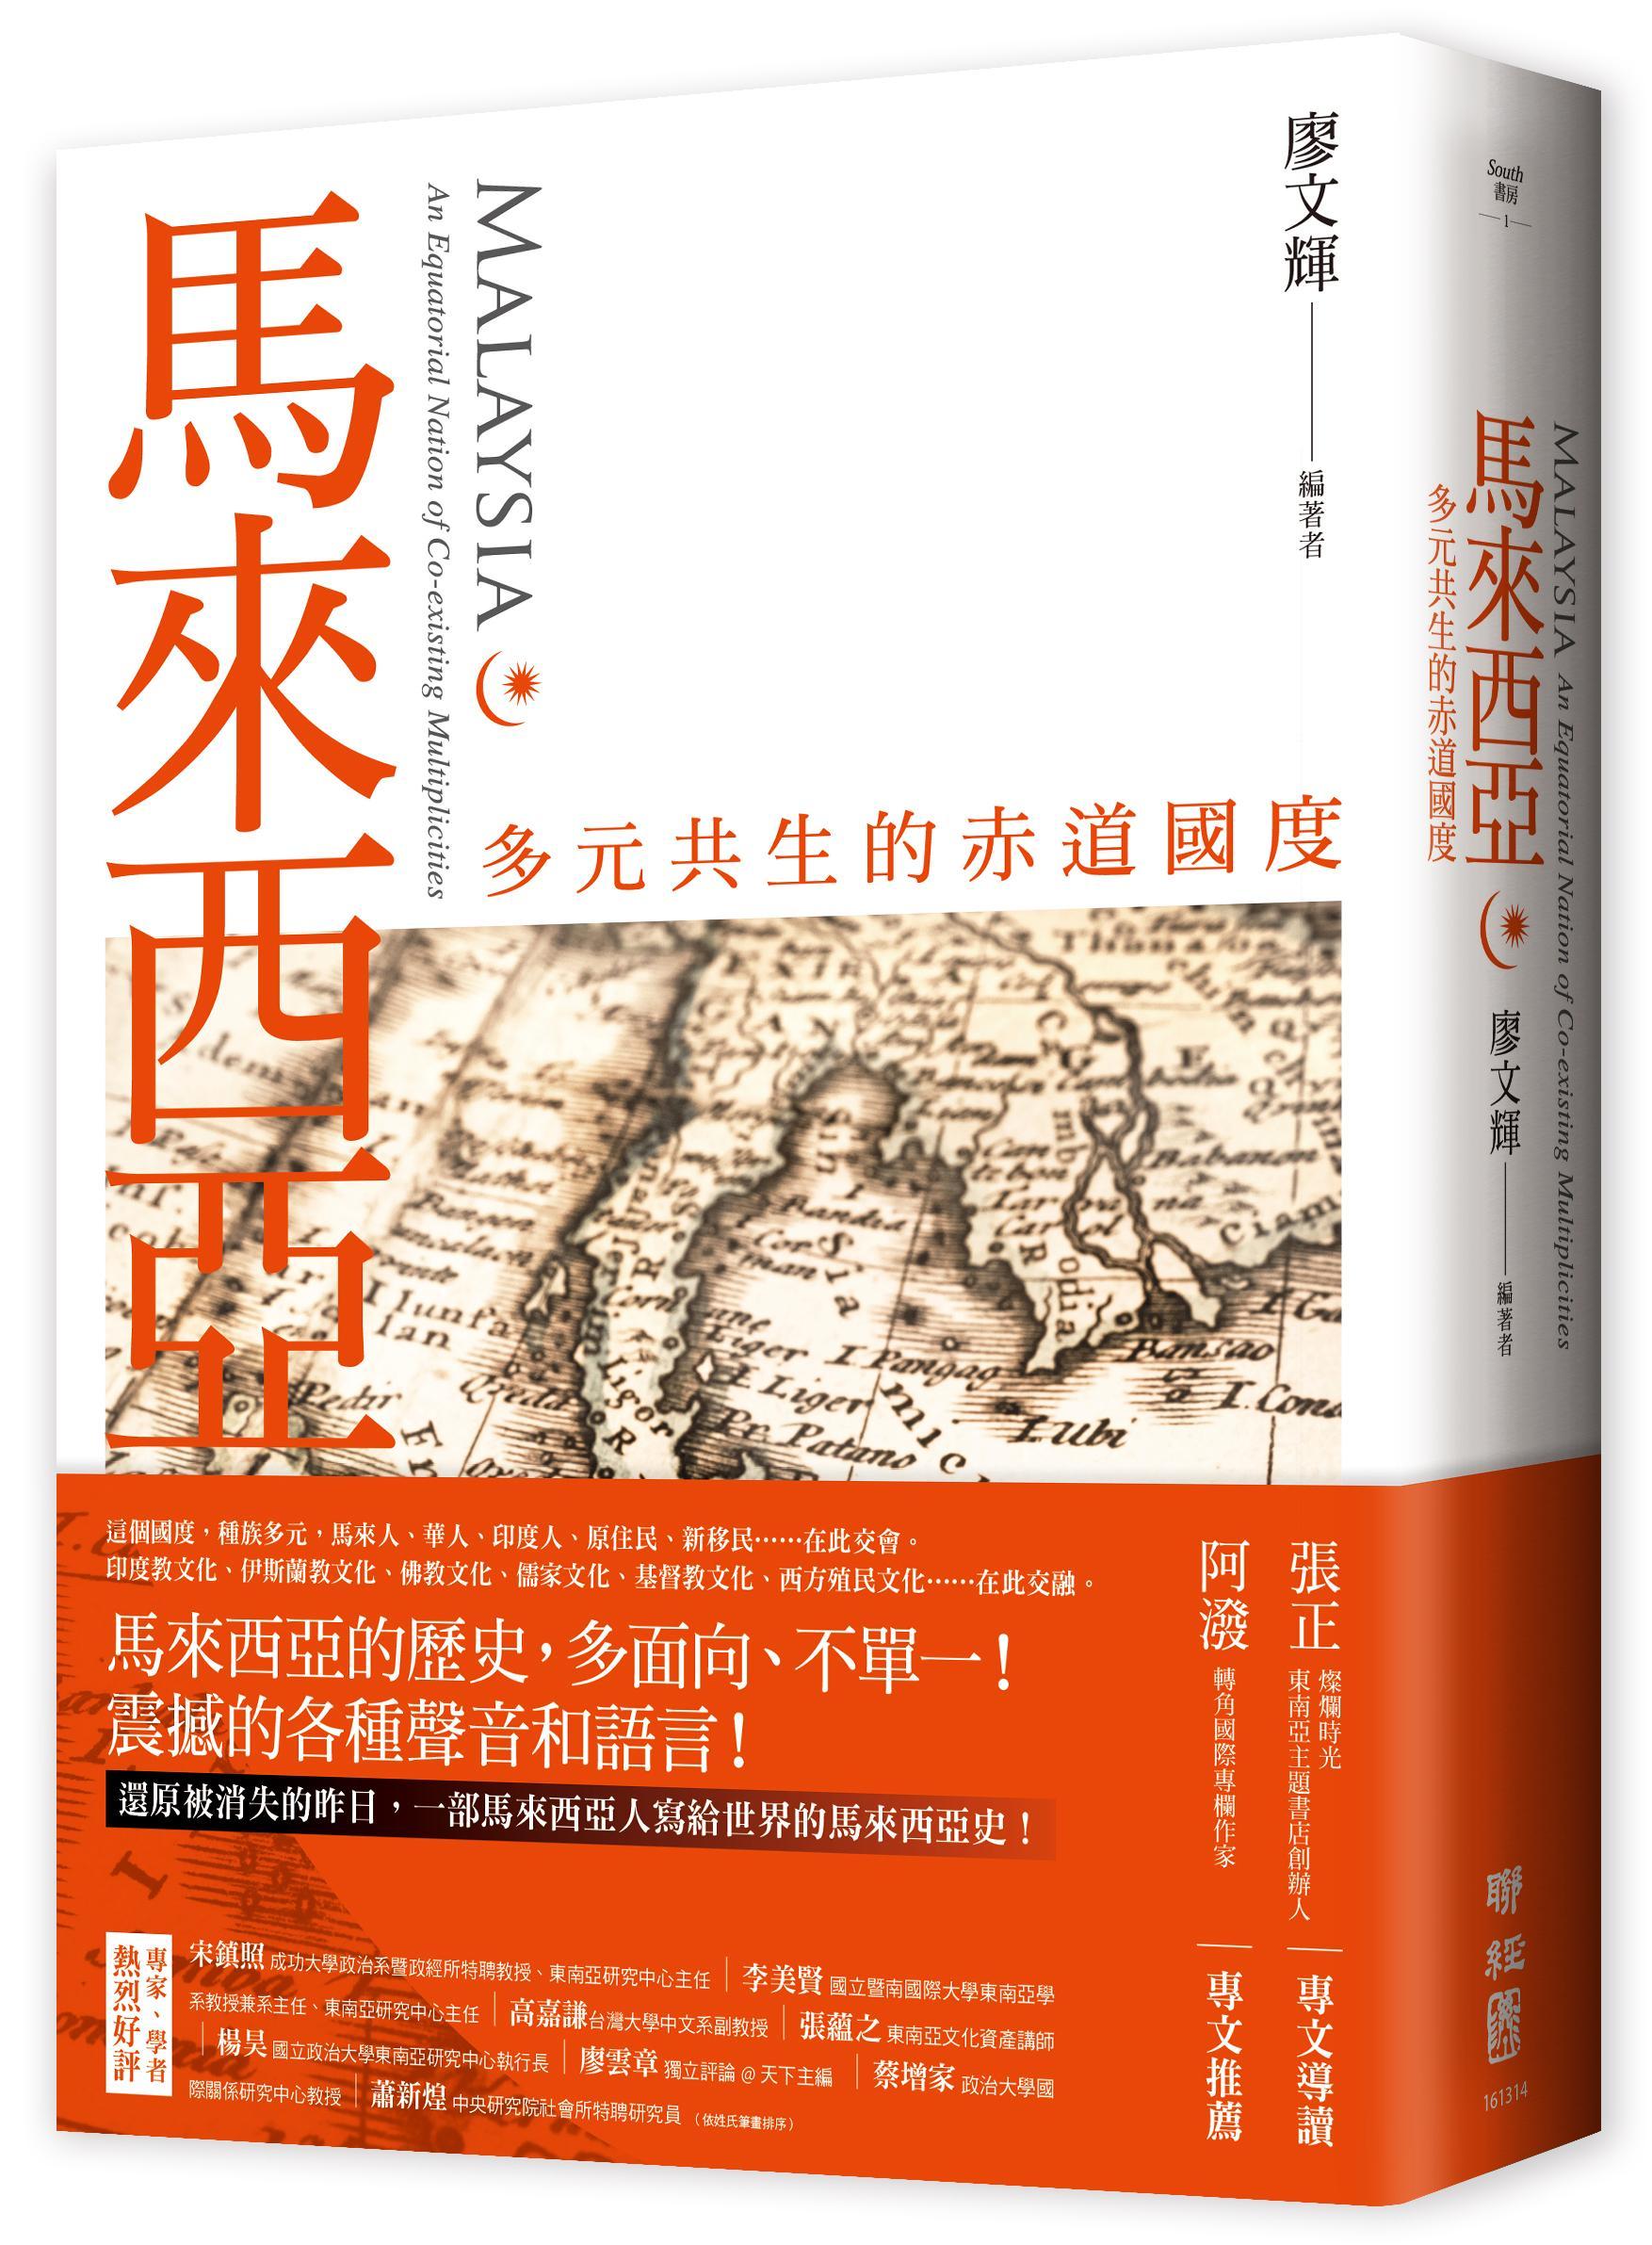 《馬來西亞:多元共生的赤道國度》新書發表會的標題圖片